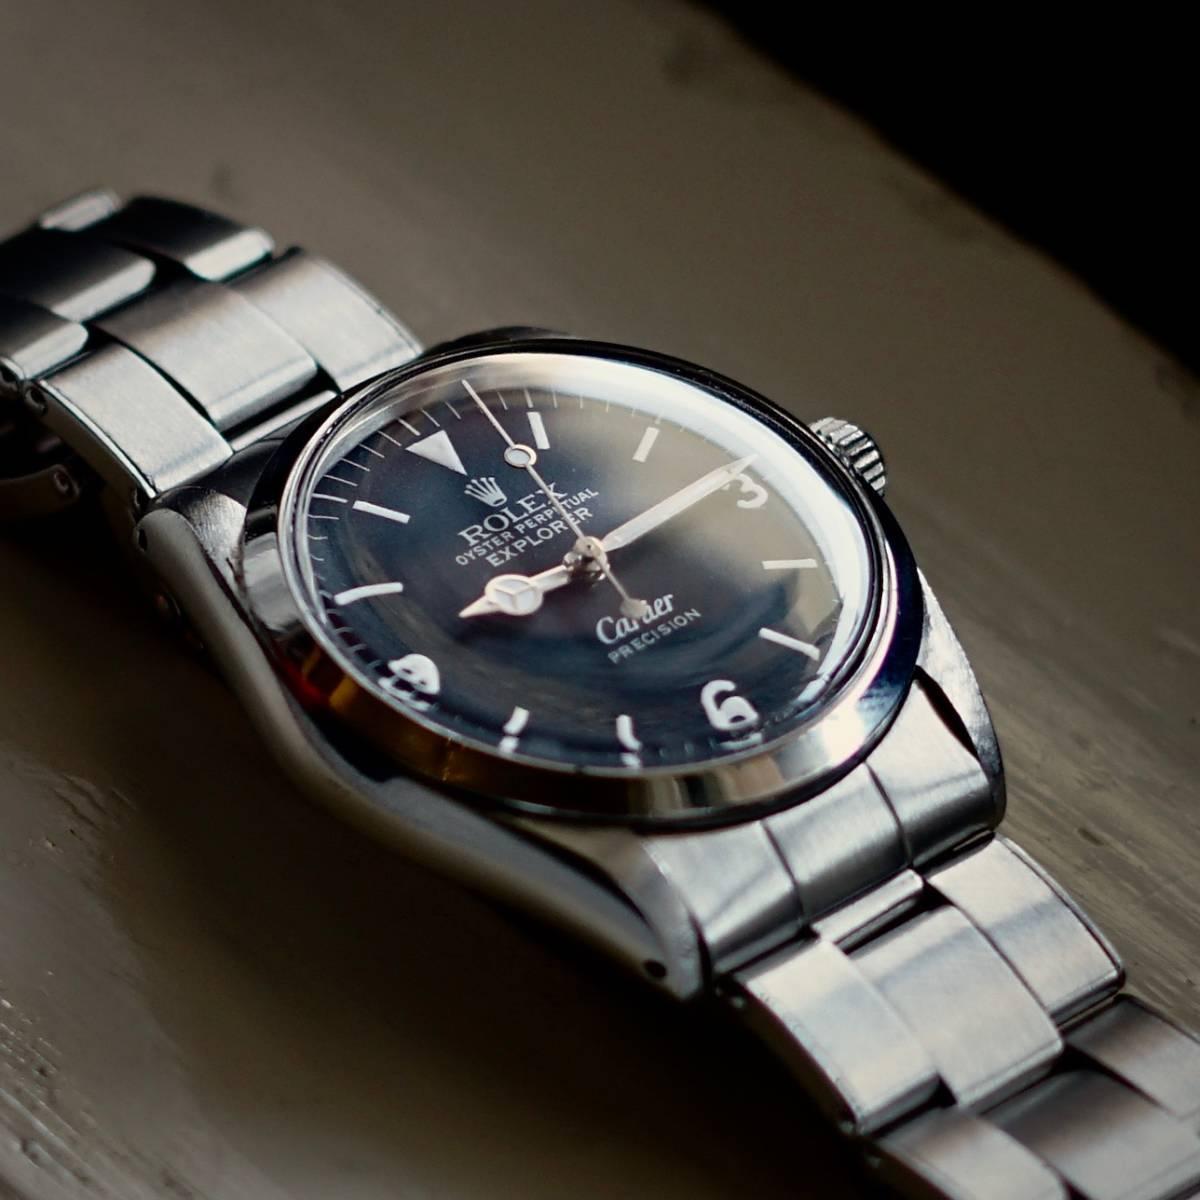 超美品 Rolex 5500 Explorer Cartier Wネーム カルティエ ロレックス エクスプローラー 5500 リダン OH済 仕上げ済 リベットブレス